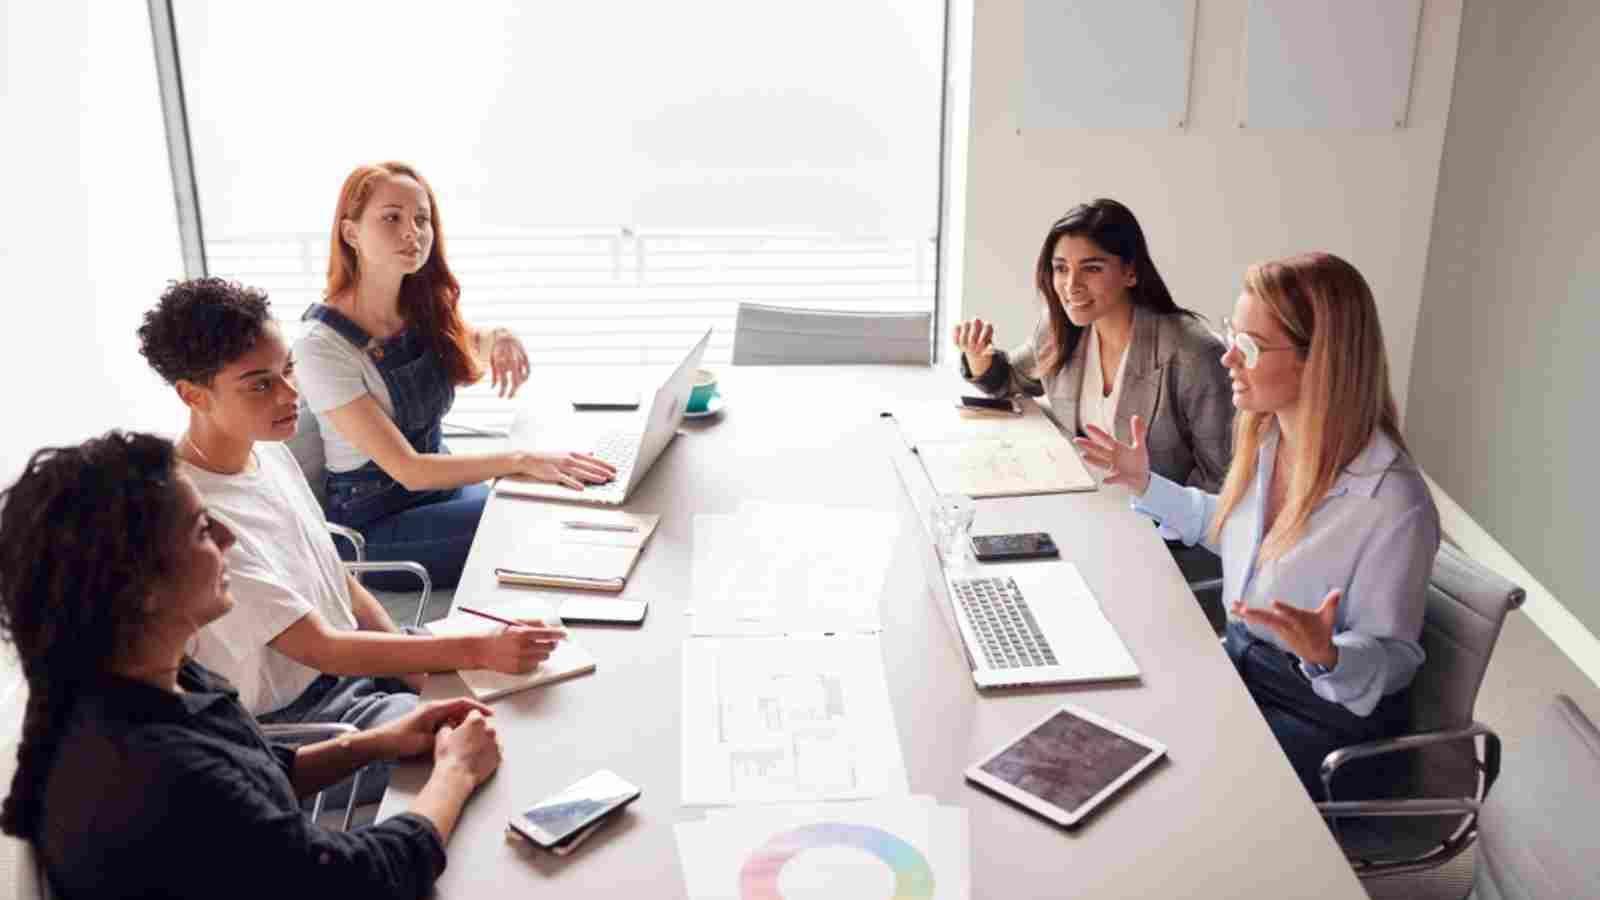 خصائص أنثى برج العقرب العامة Christian Friends Business Women Reading Groups